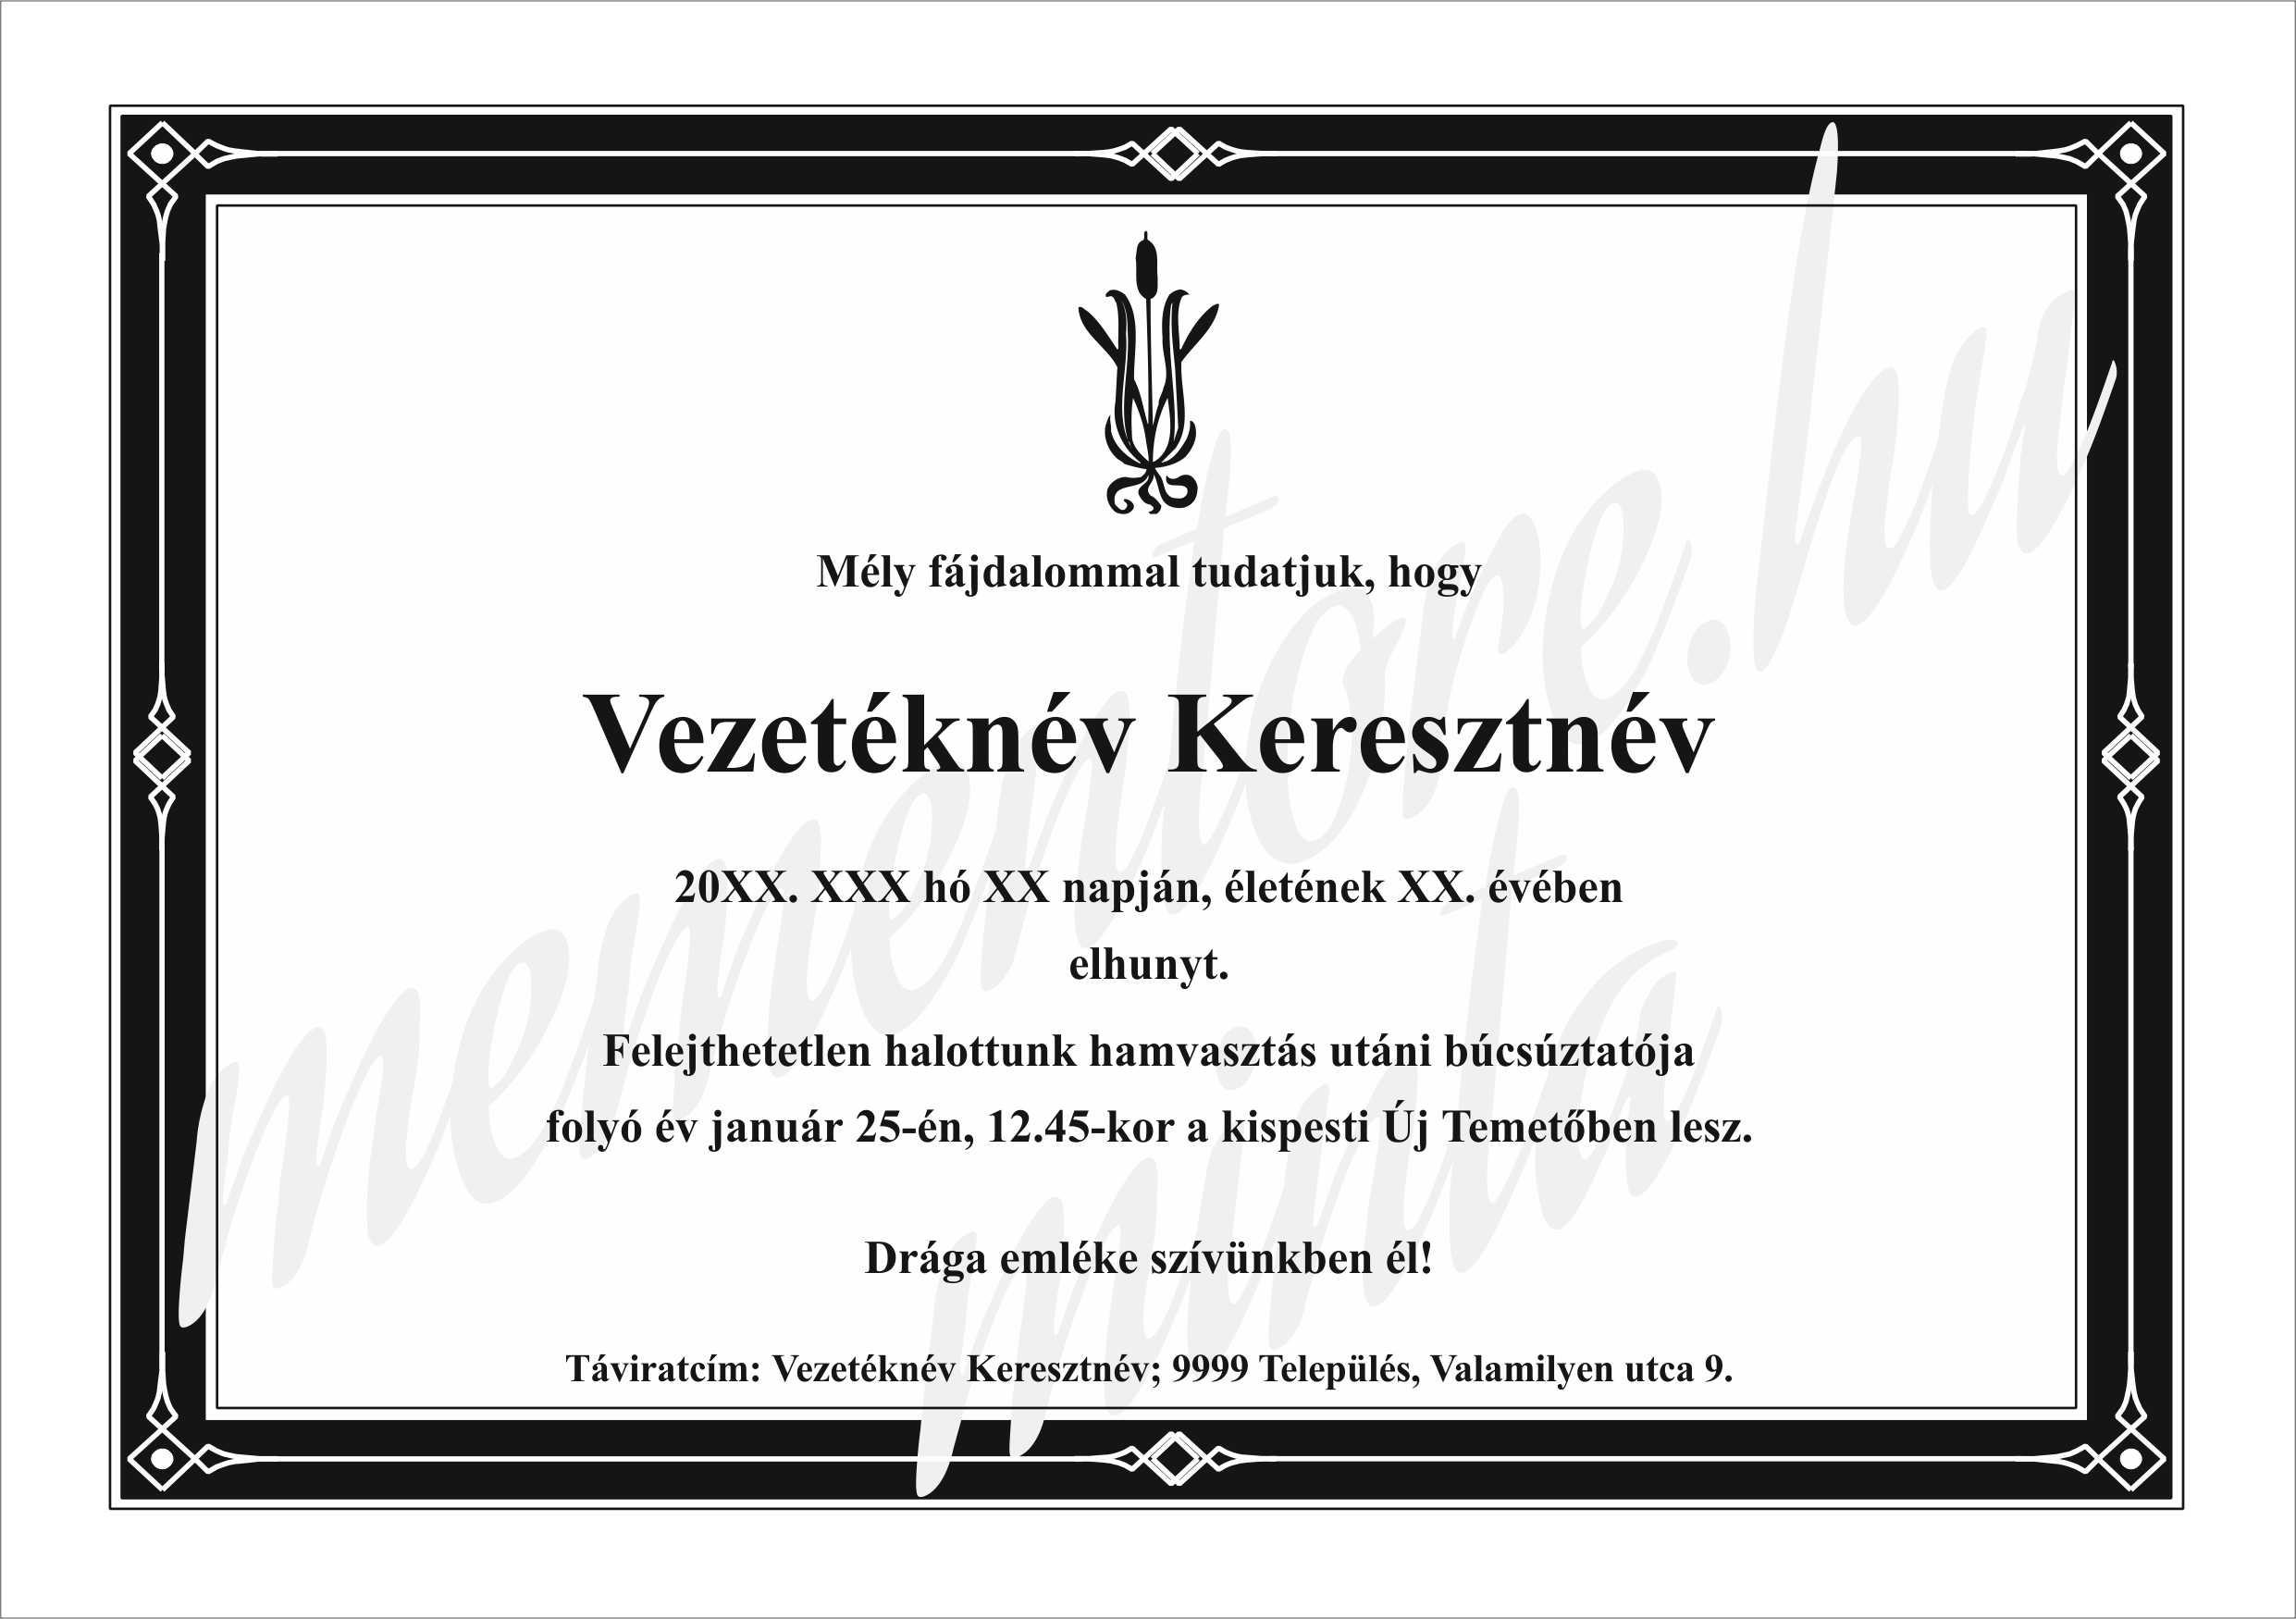 Gyaszertesito_A5021_nadszal_miveskeret